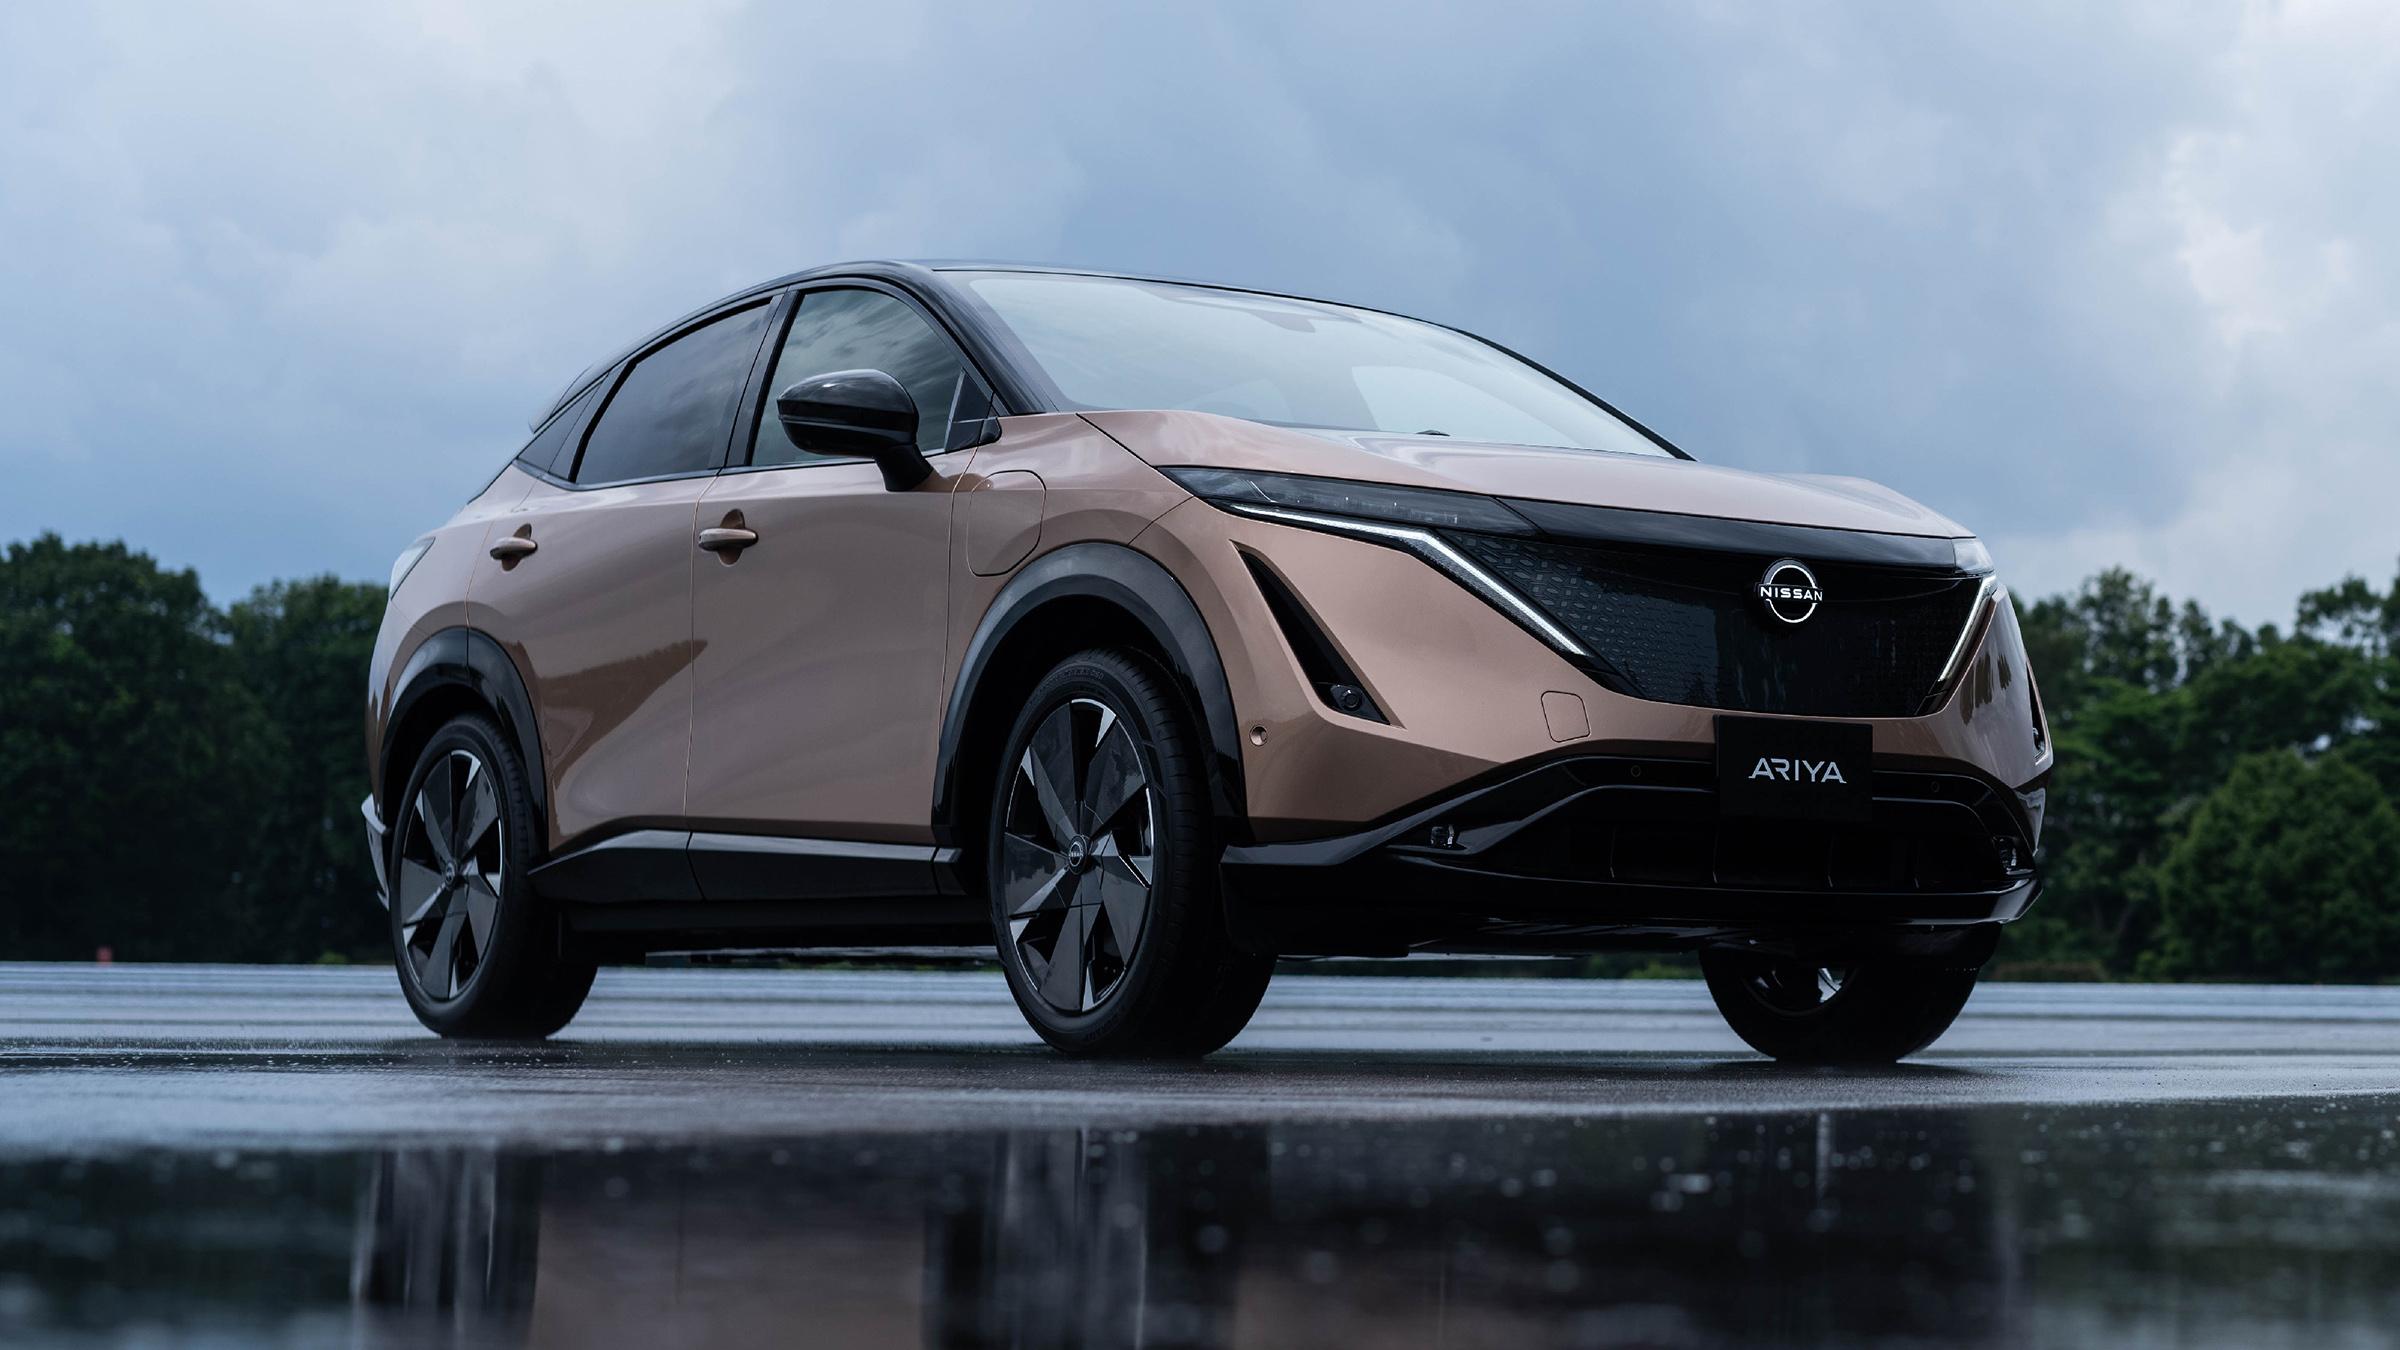 Electric Nissan Ariya Suv Unveiled Carbuyer